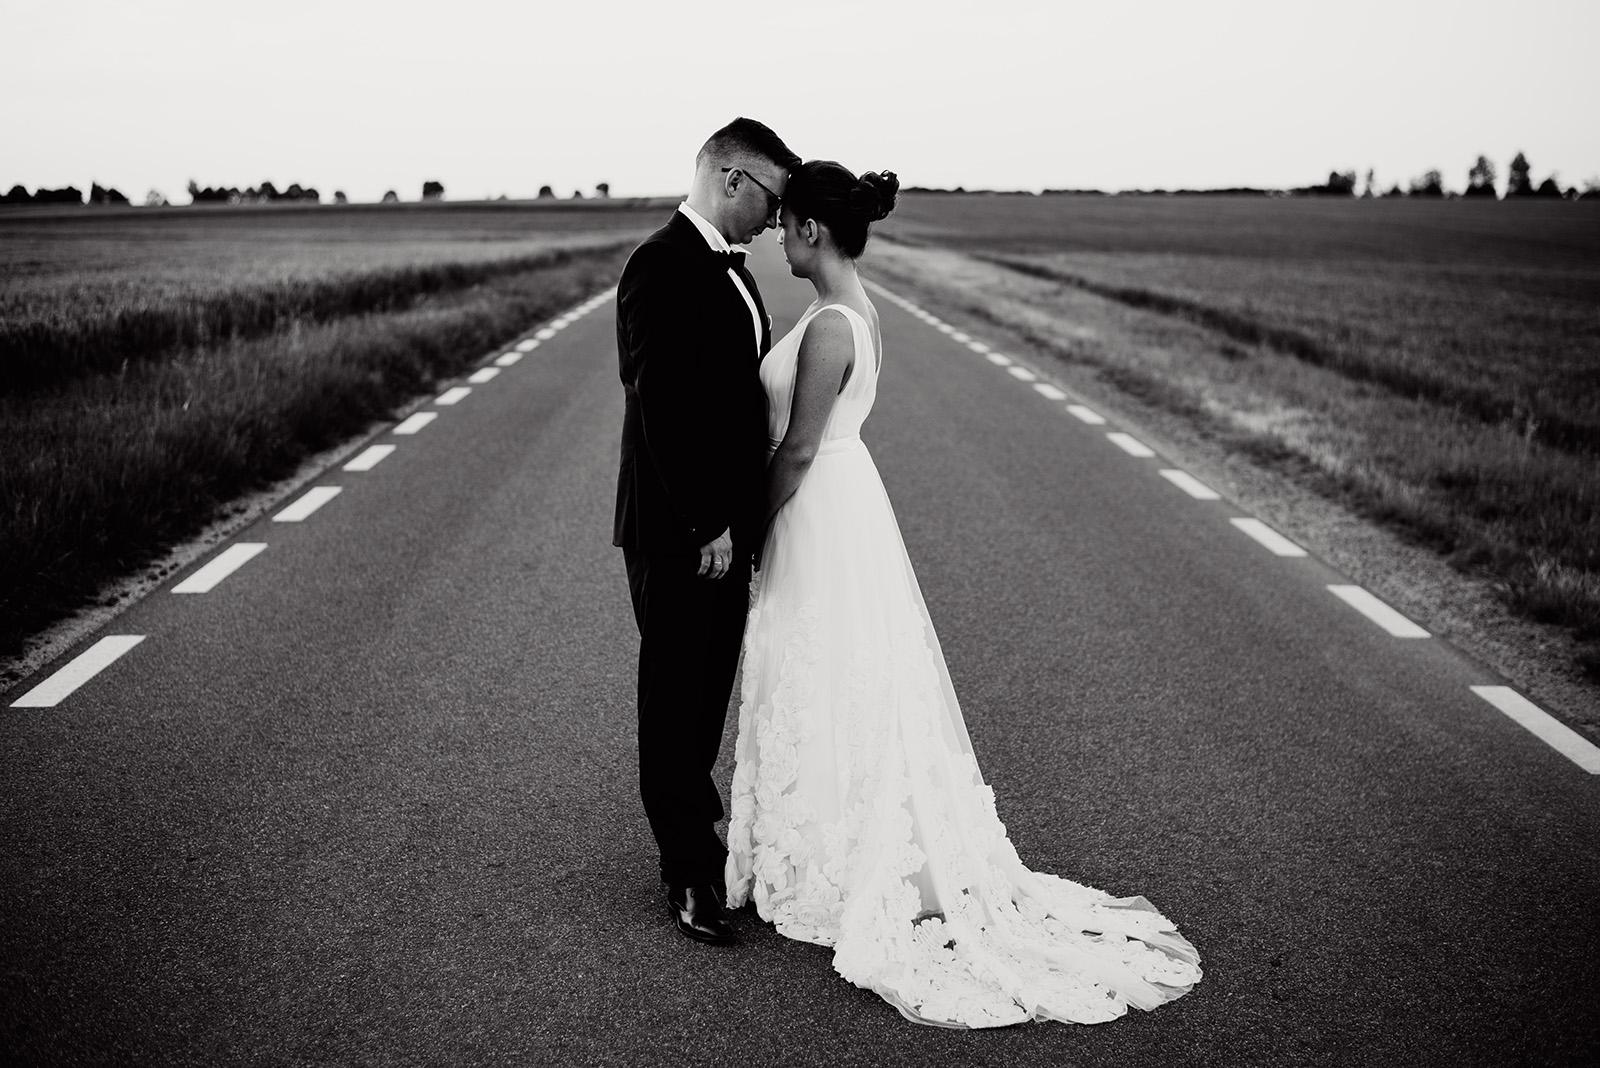 naturalna sesja zdjeciowa na slubie - wesele w palacu krzyzowa - dluga suknia slubna anne-marie